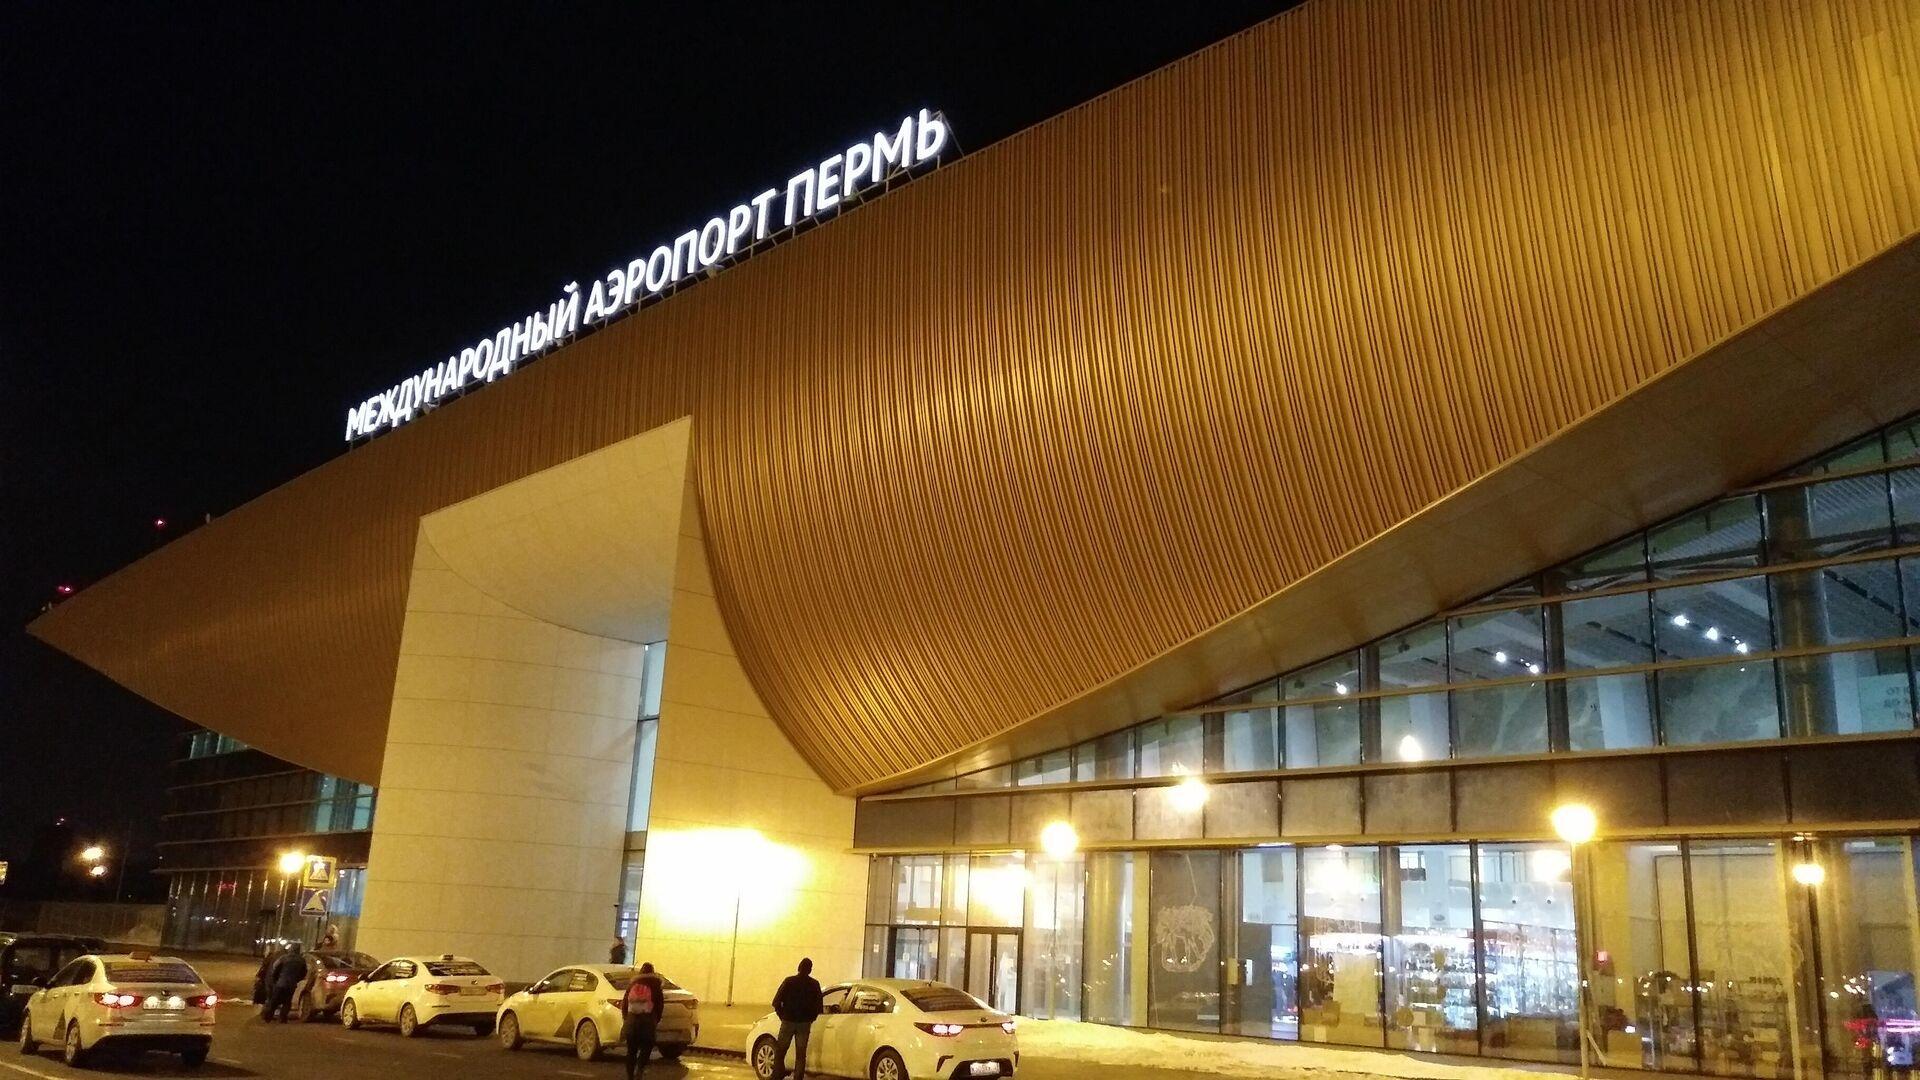 Пермский аэропорт Большое Савино - РИА Новости, 1920, 03.03.2021